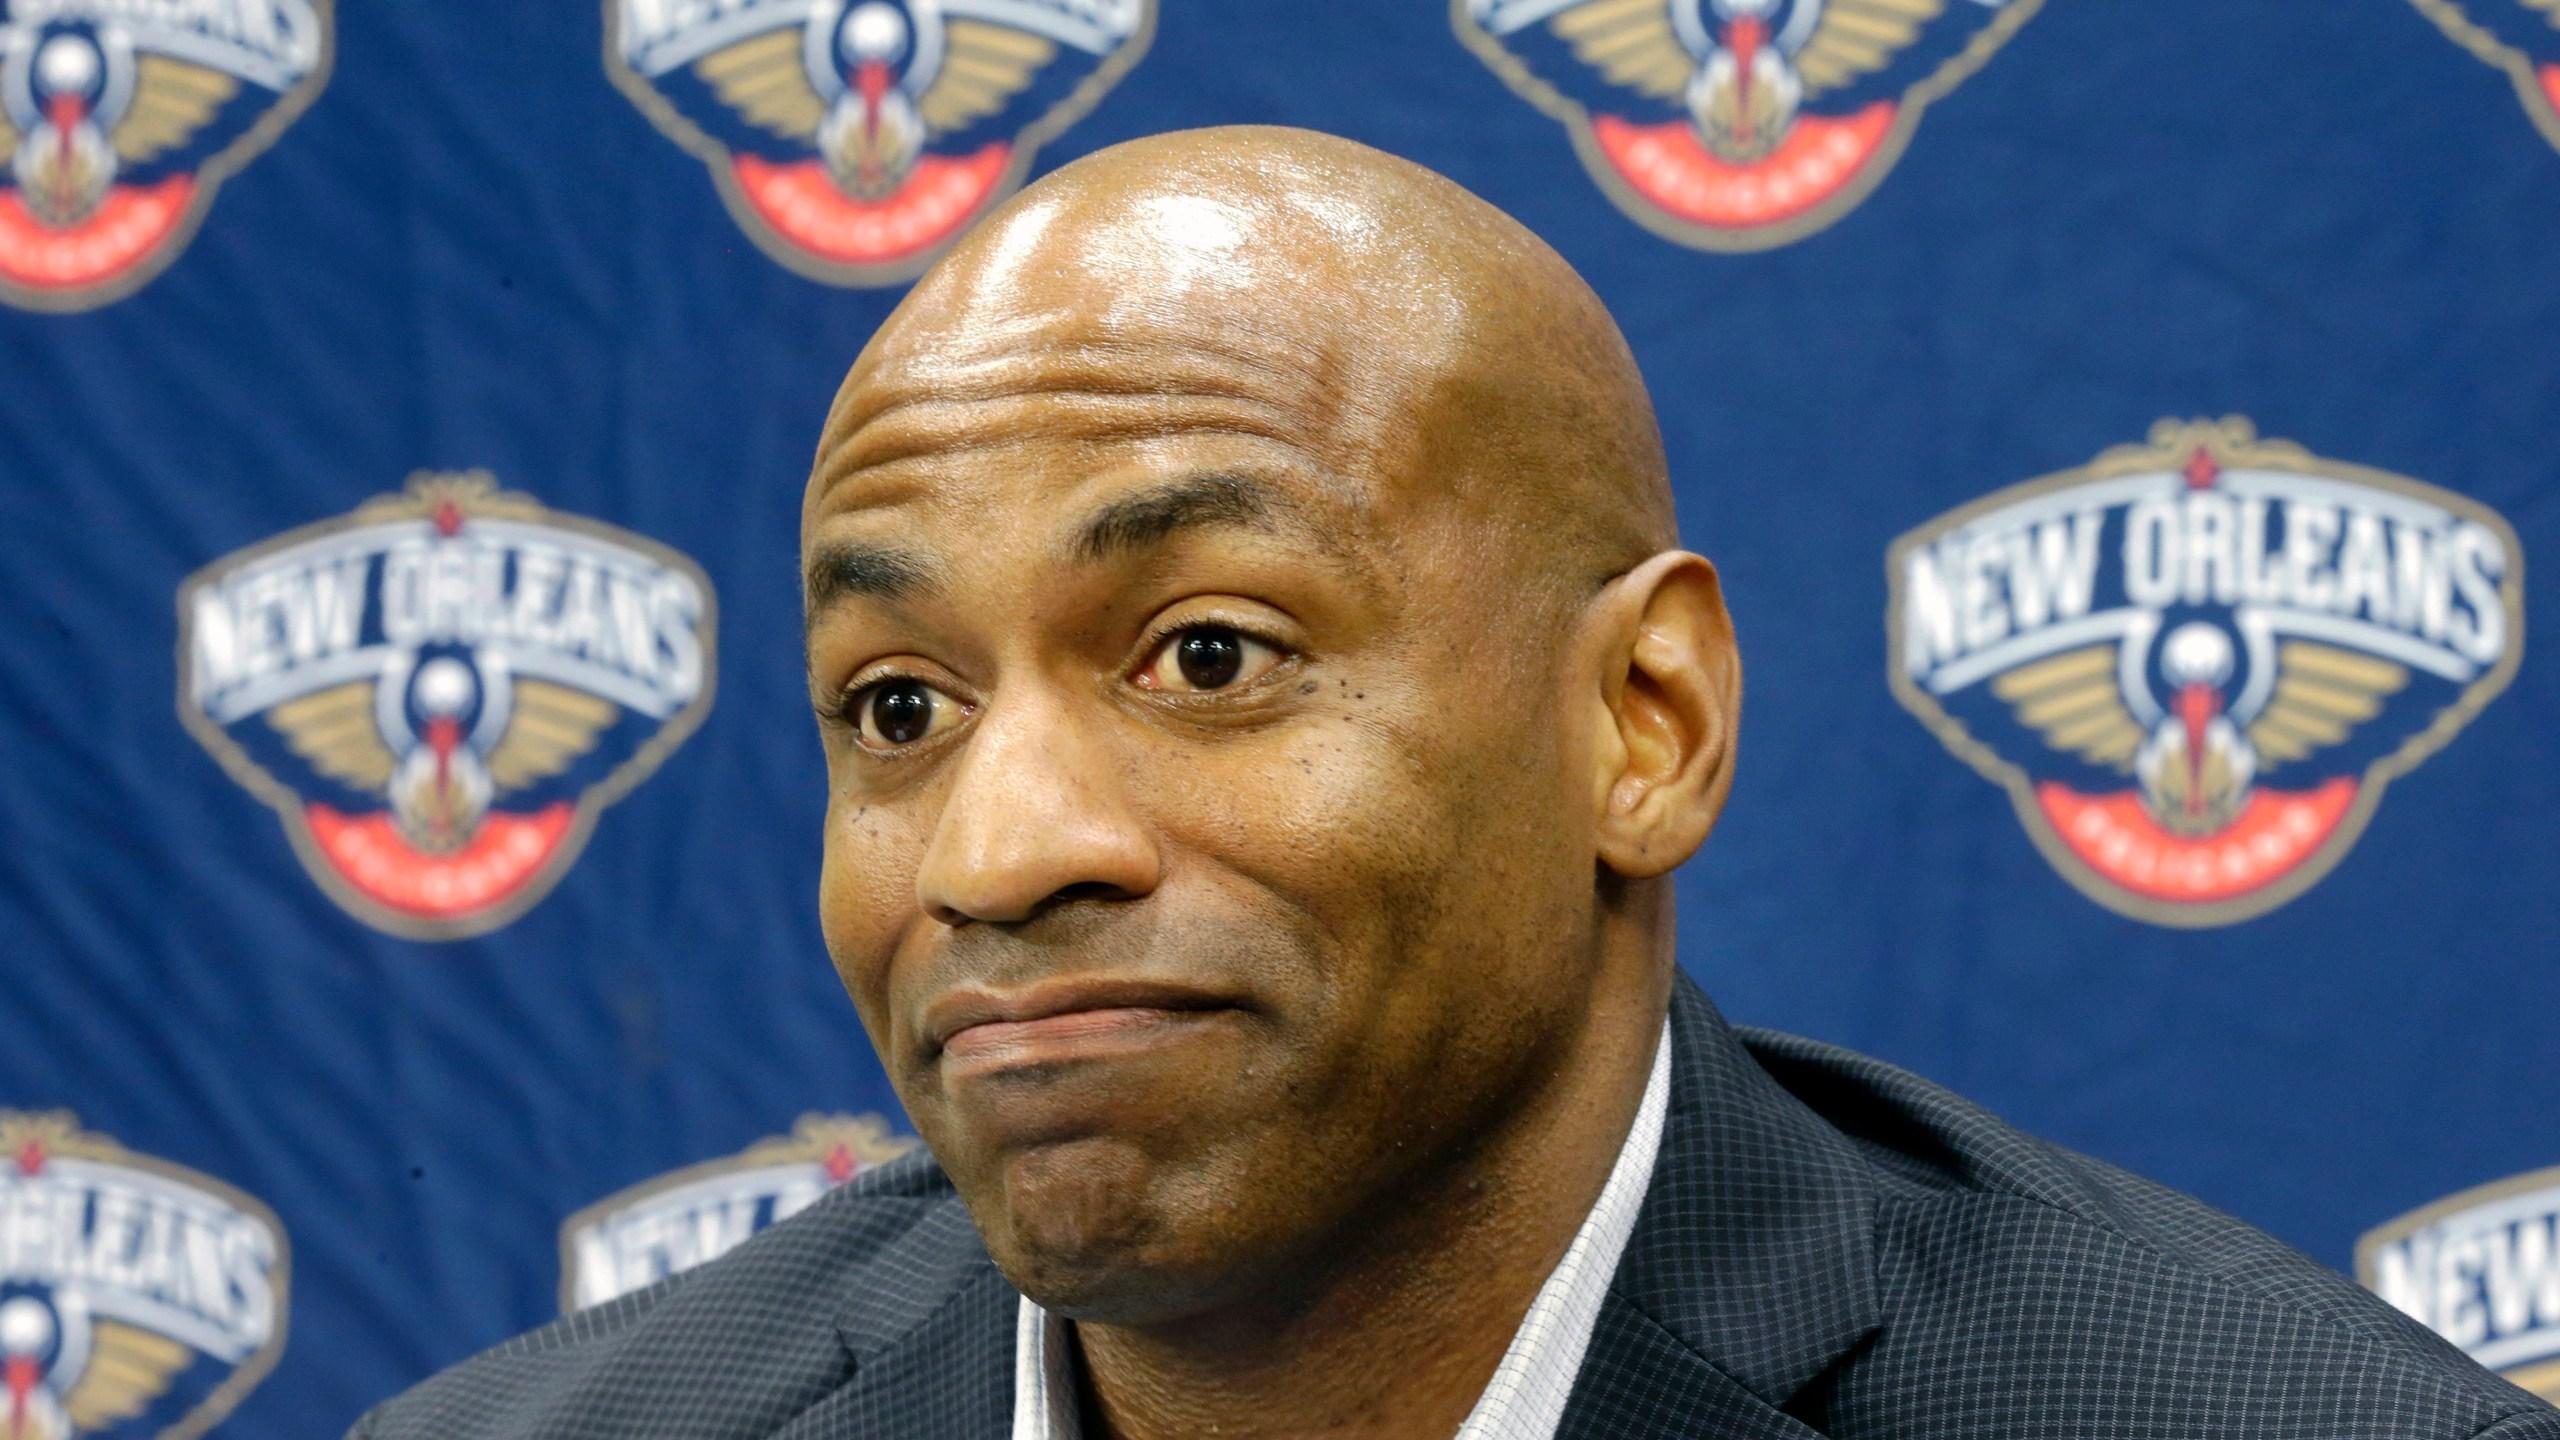 Pelicans_Demps_Basketball_Basketball_21635-159532.jpg98615070